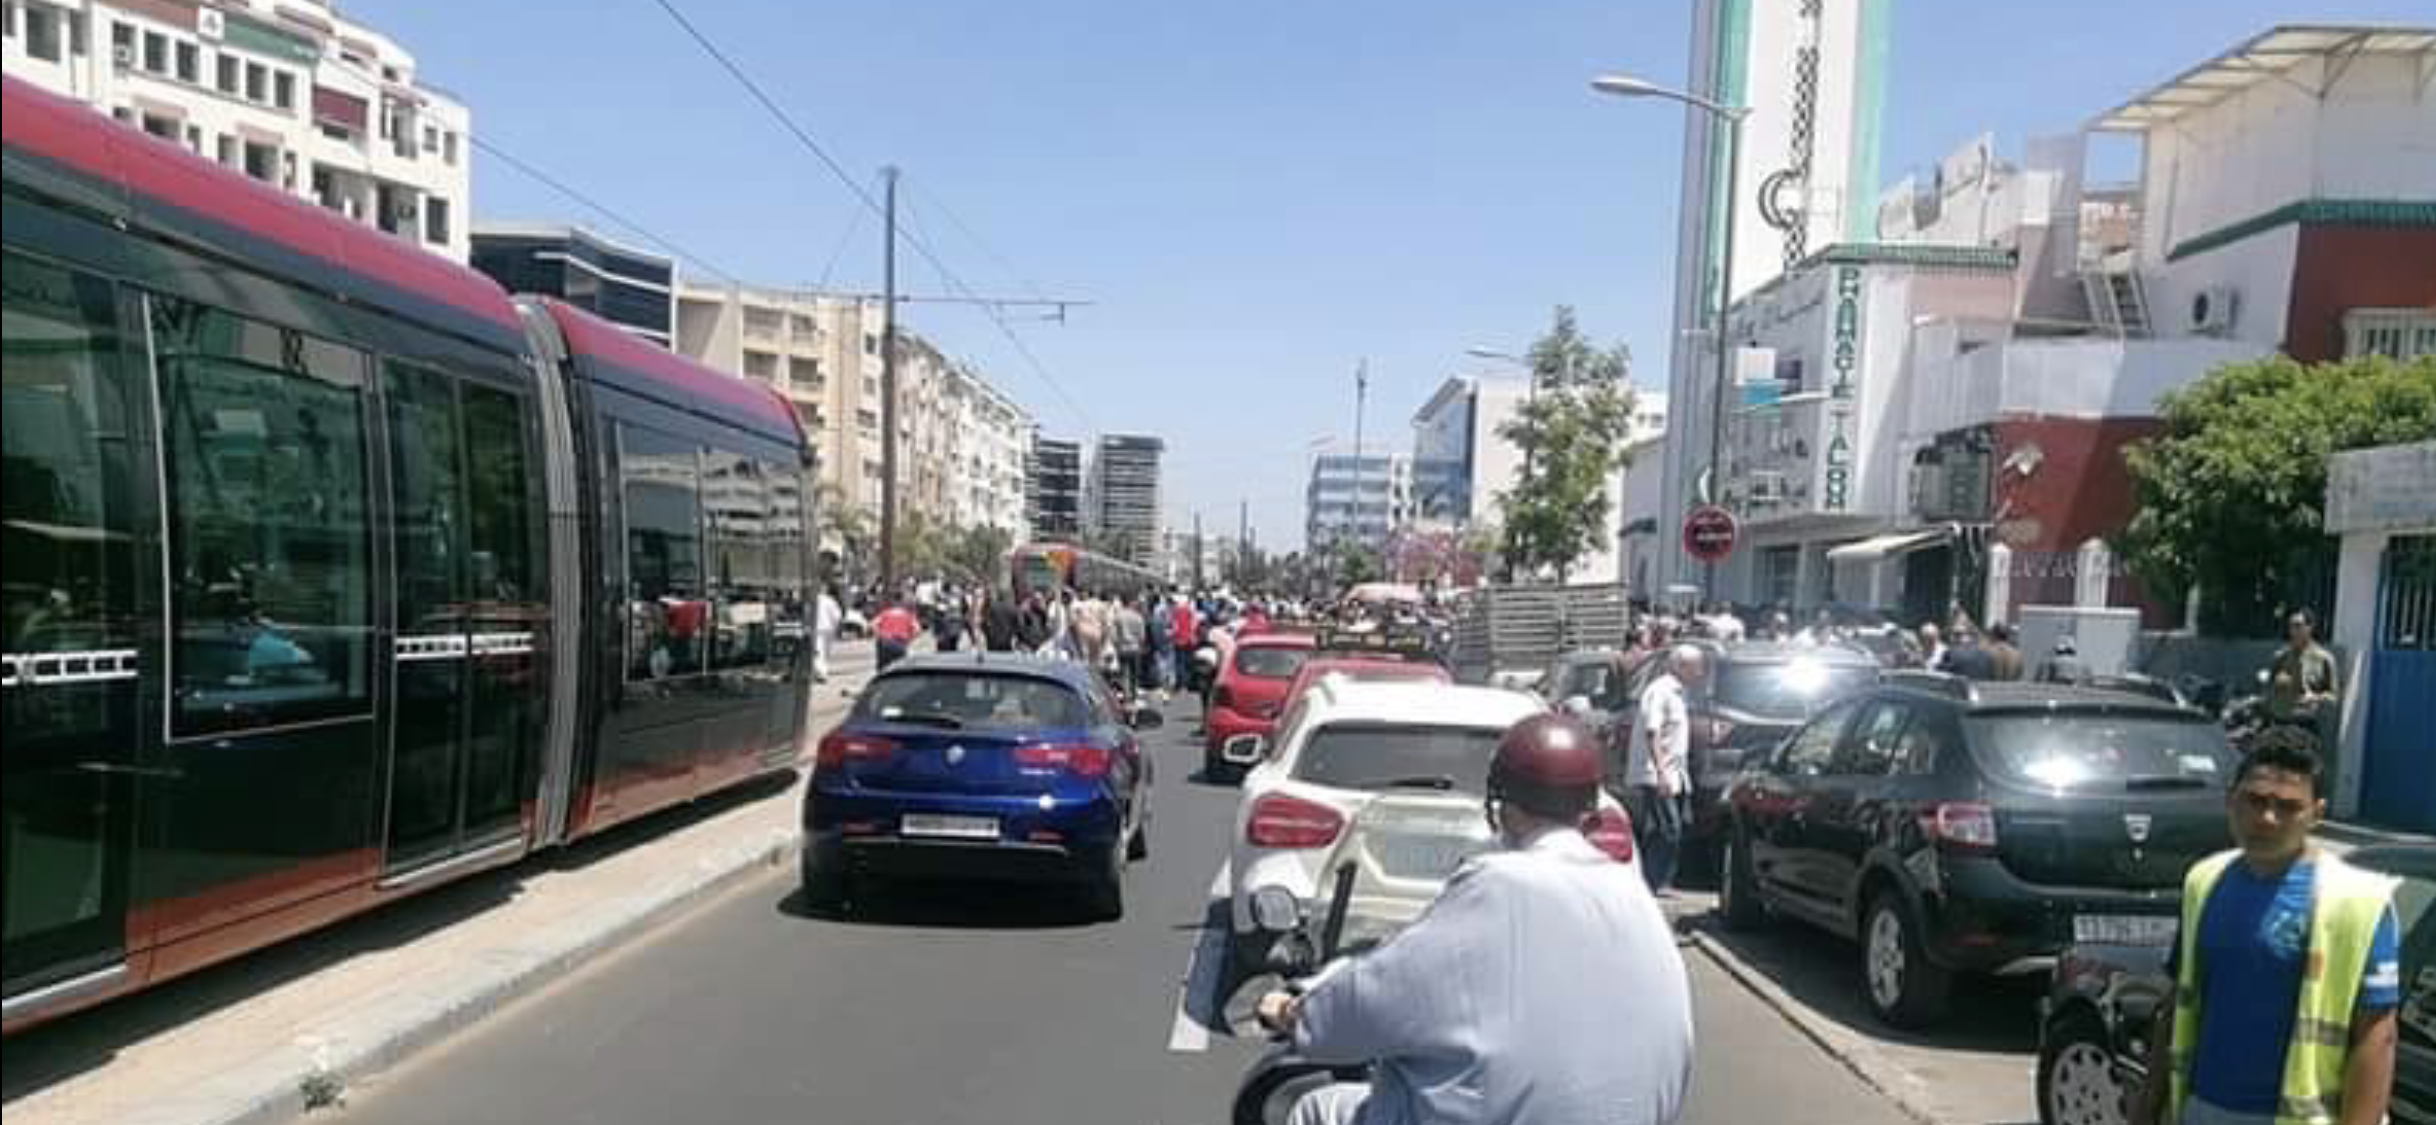 توقفٌ تام للترامواي بالدارالبيضاء بسبب أداء مواطنين صلاة الجمعة وسط الطريق